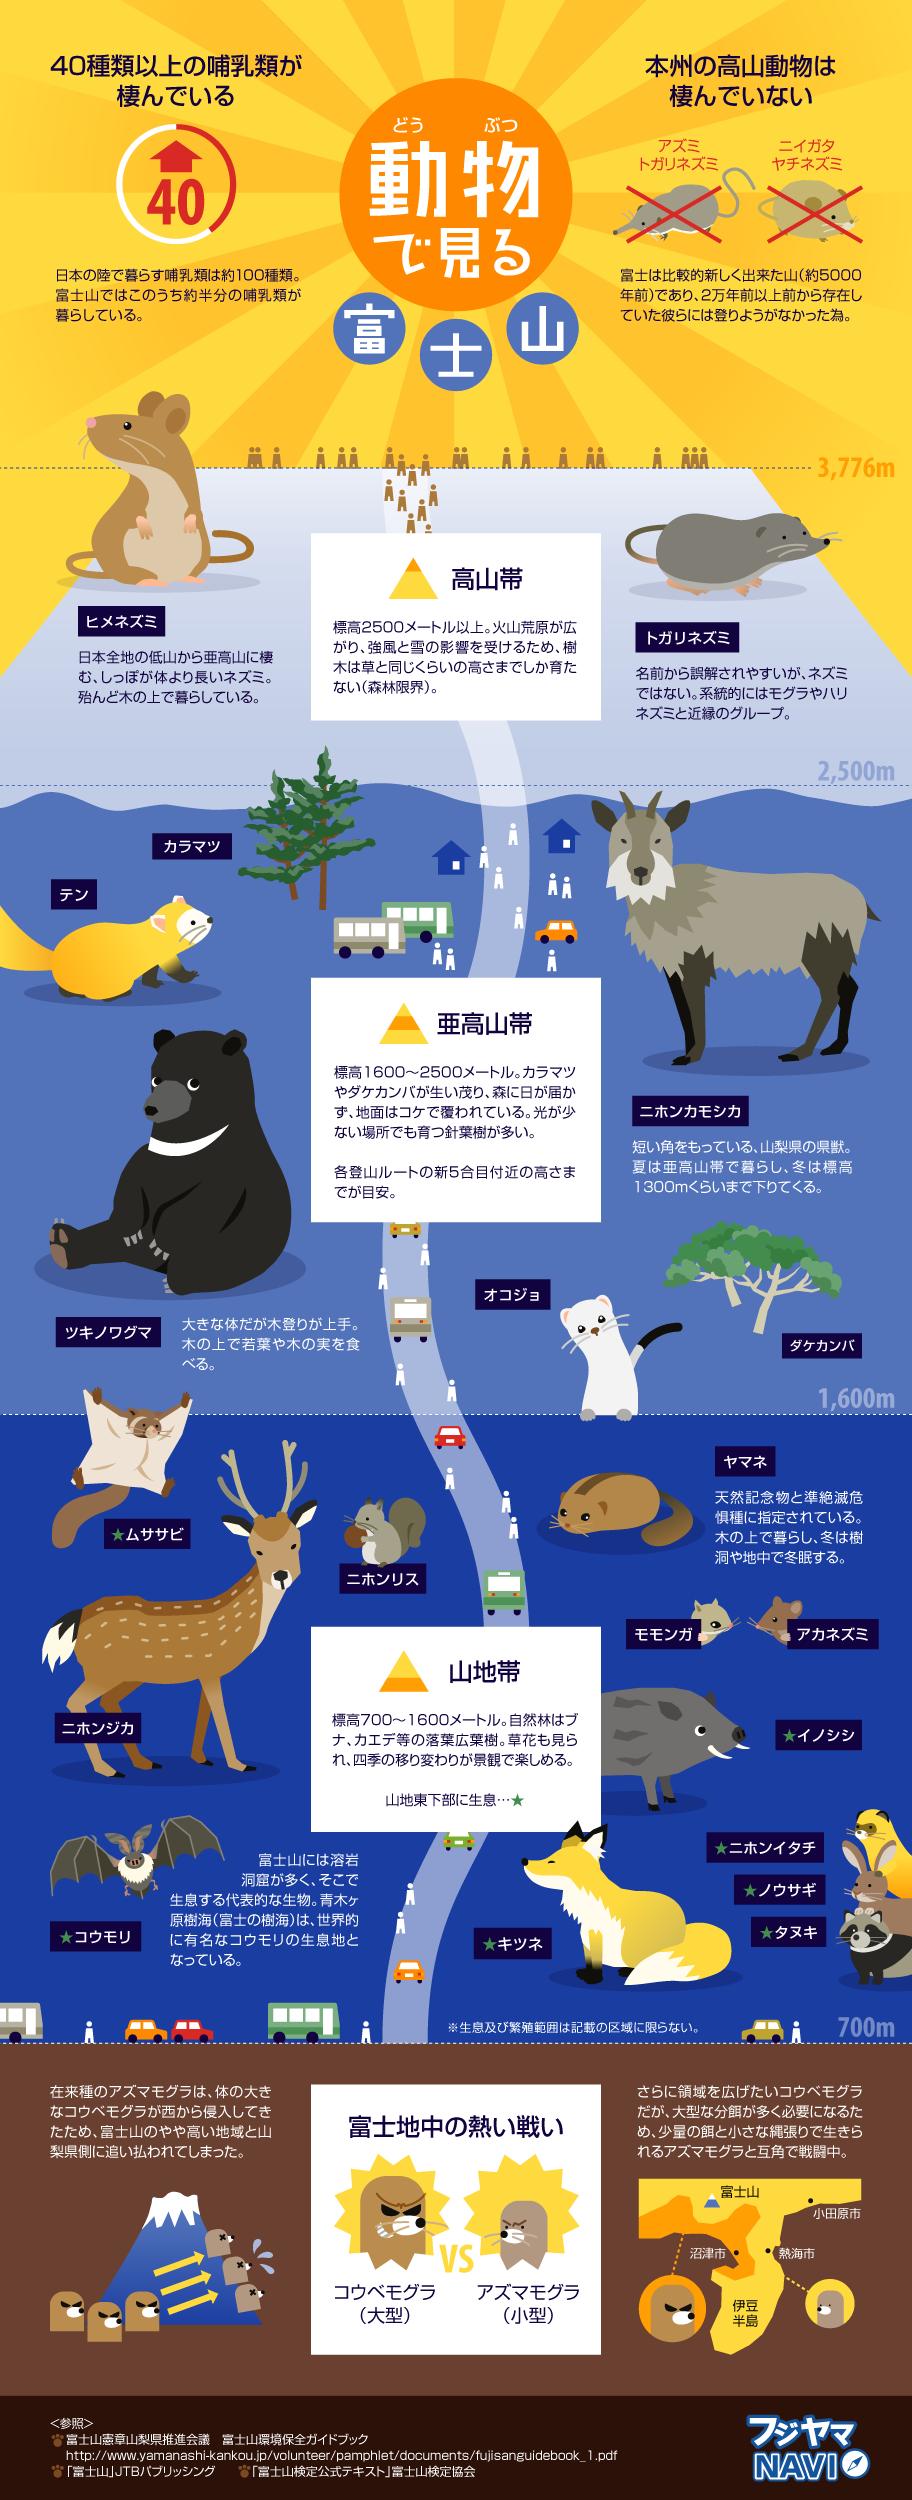 手つかずの大自然に棲む「富士山」の動物たちを表すインフォグラフィック